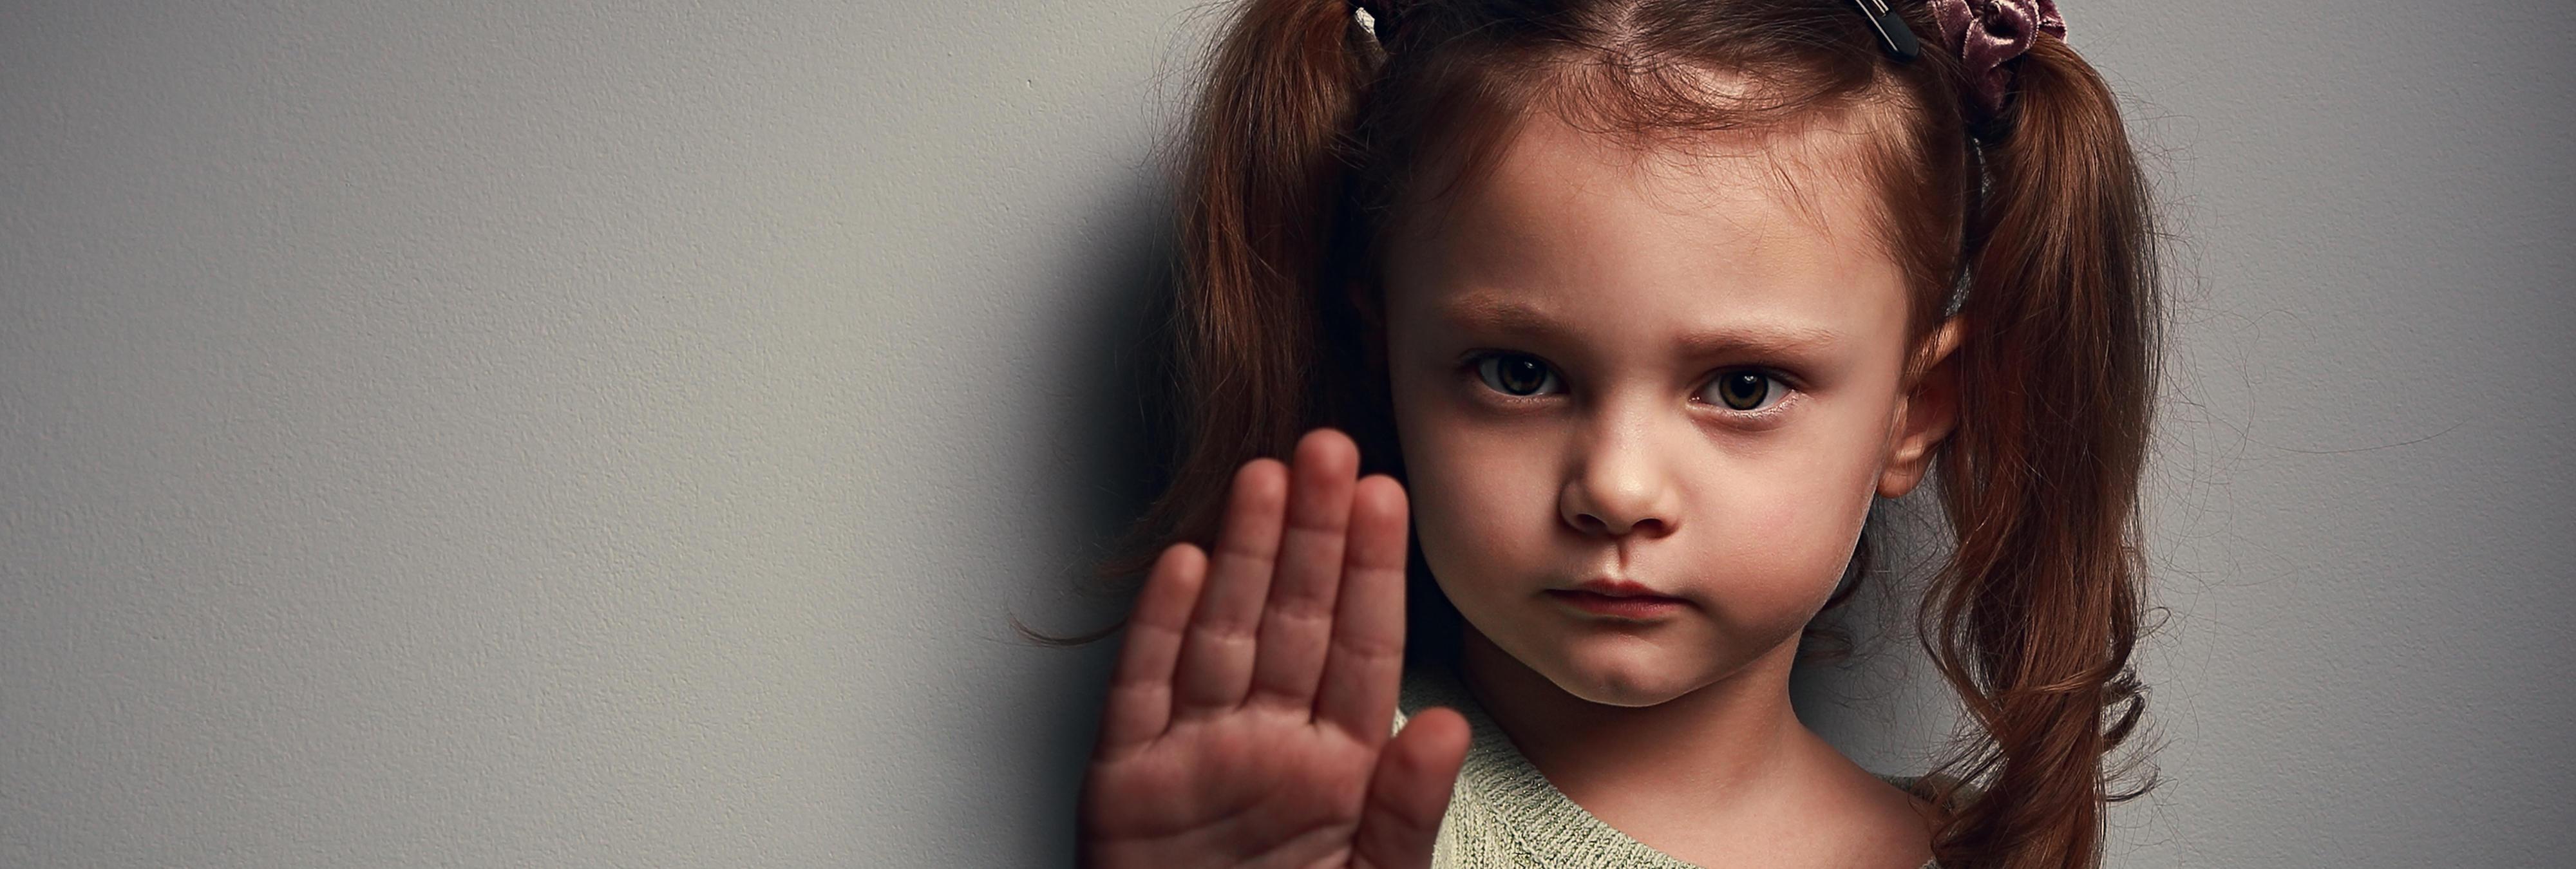 Un hombre abusa sexualmente de una niña de cinco años y el juez le rebaja la pena porque ella 'no opuso resistencia'